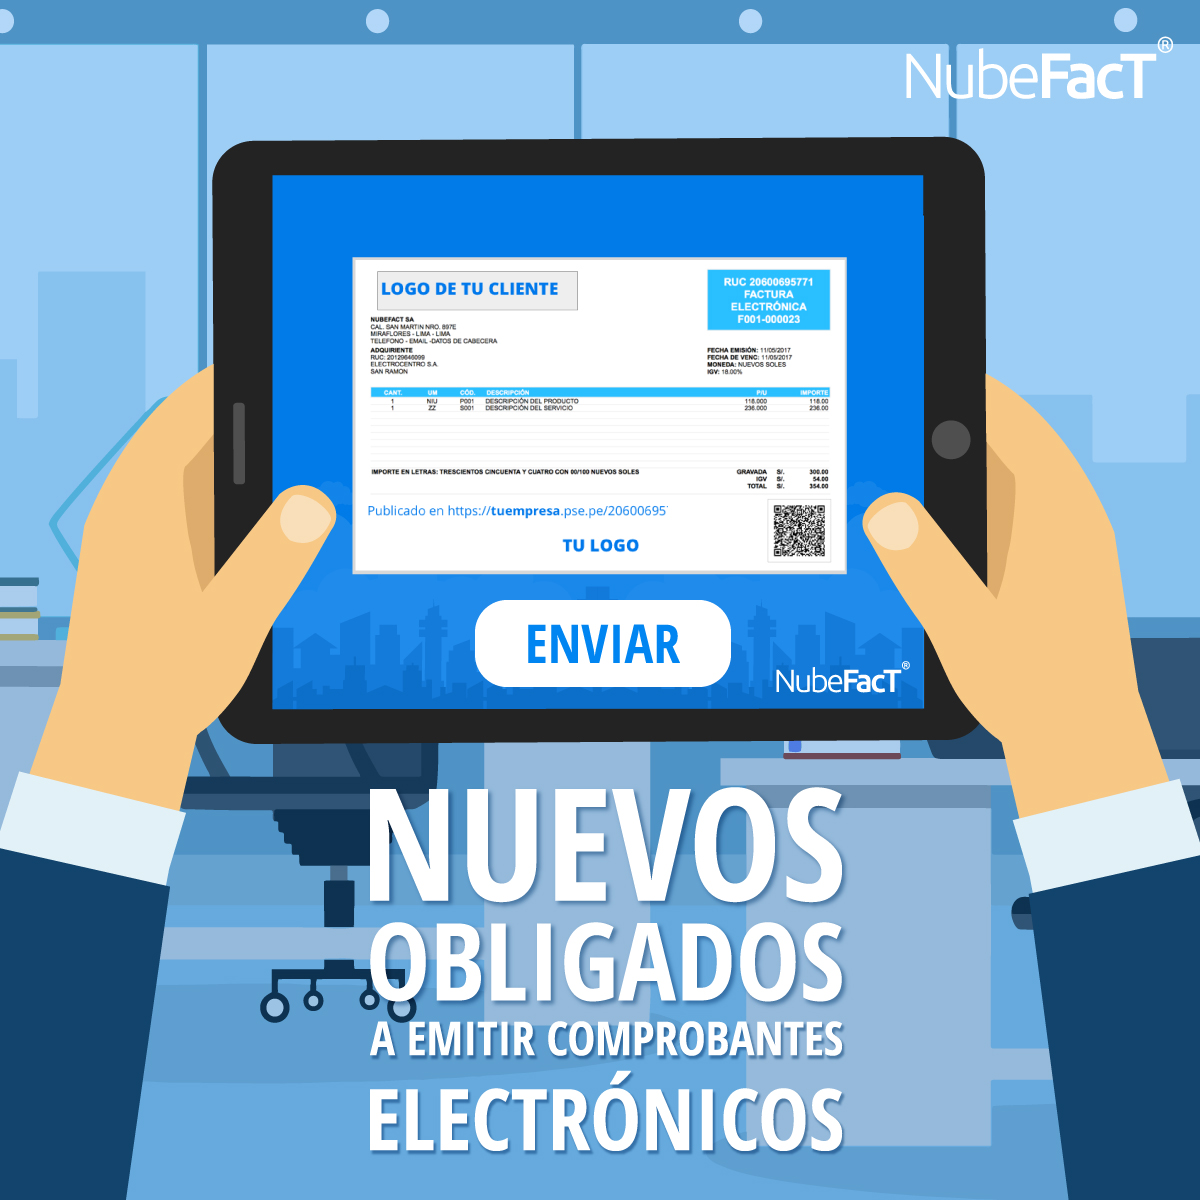 Nuevos obligados a emitir comprobantes de pago electronico